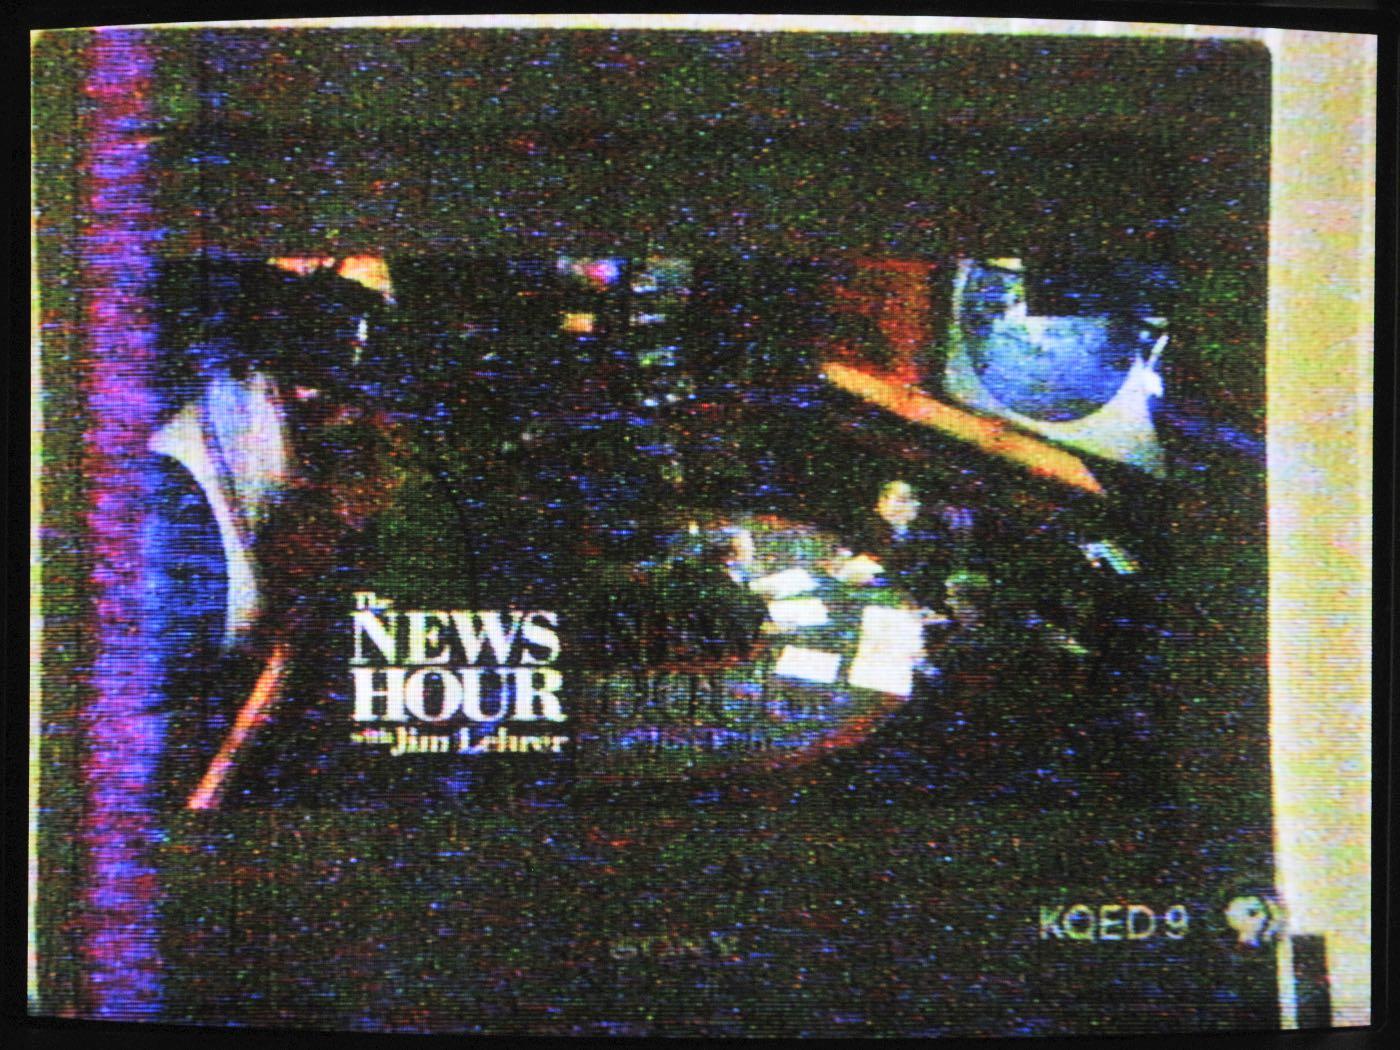 Shot of a 16x9 picture on a 4x3 CRT in the New Hour's studio